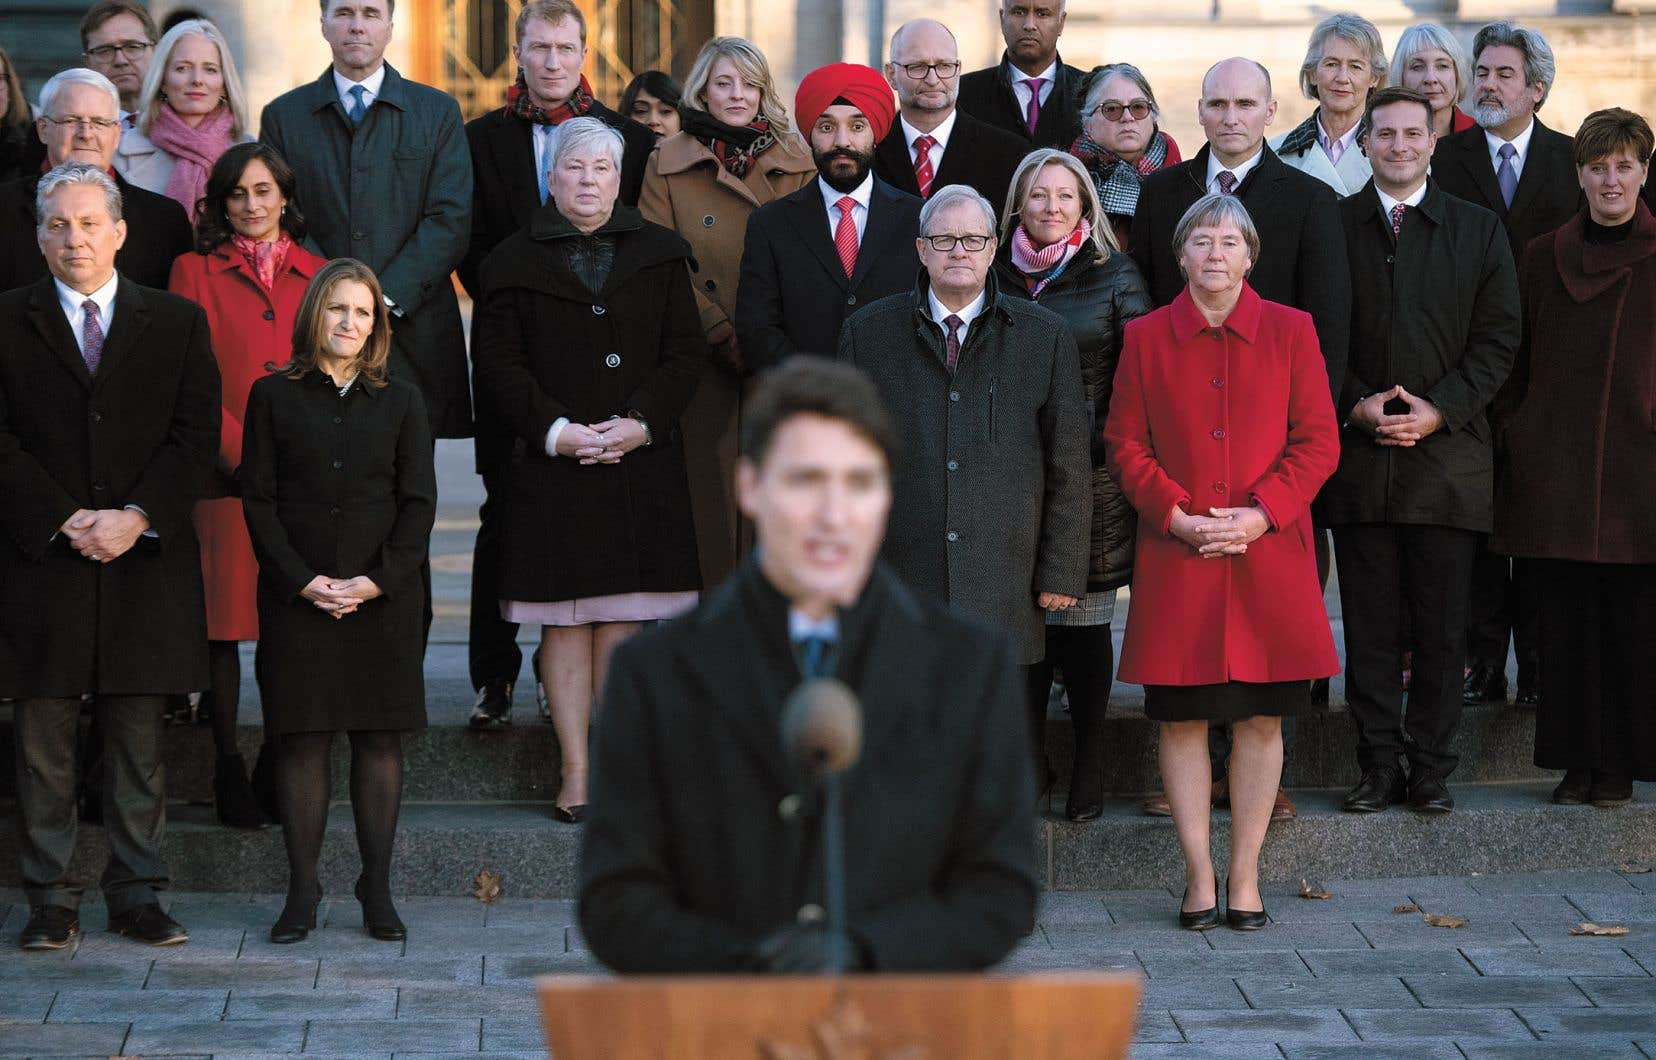 Il faudra attendre la publication des lettres de mandat des ministres pour saisir la véritable mission que le premier ministre a confiée à chacun des membres de son nouveau Cabinet.